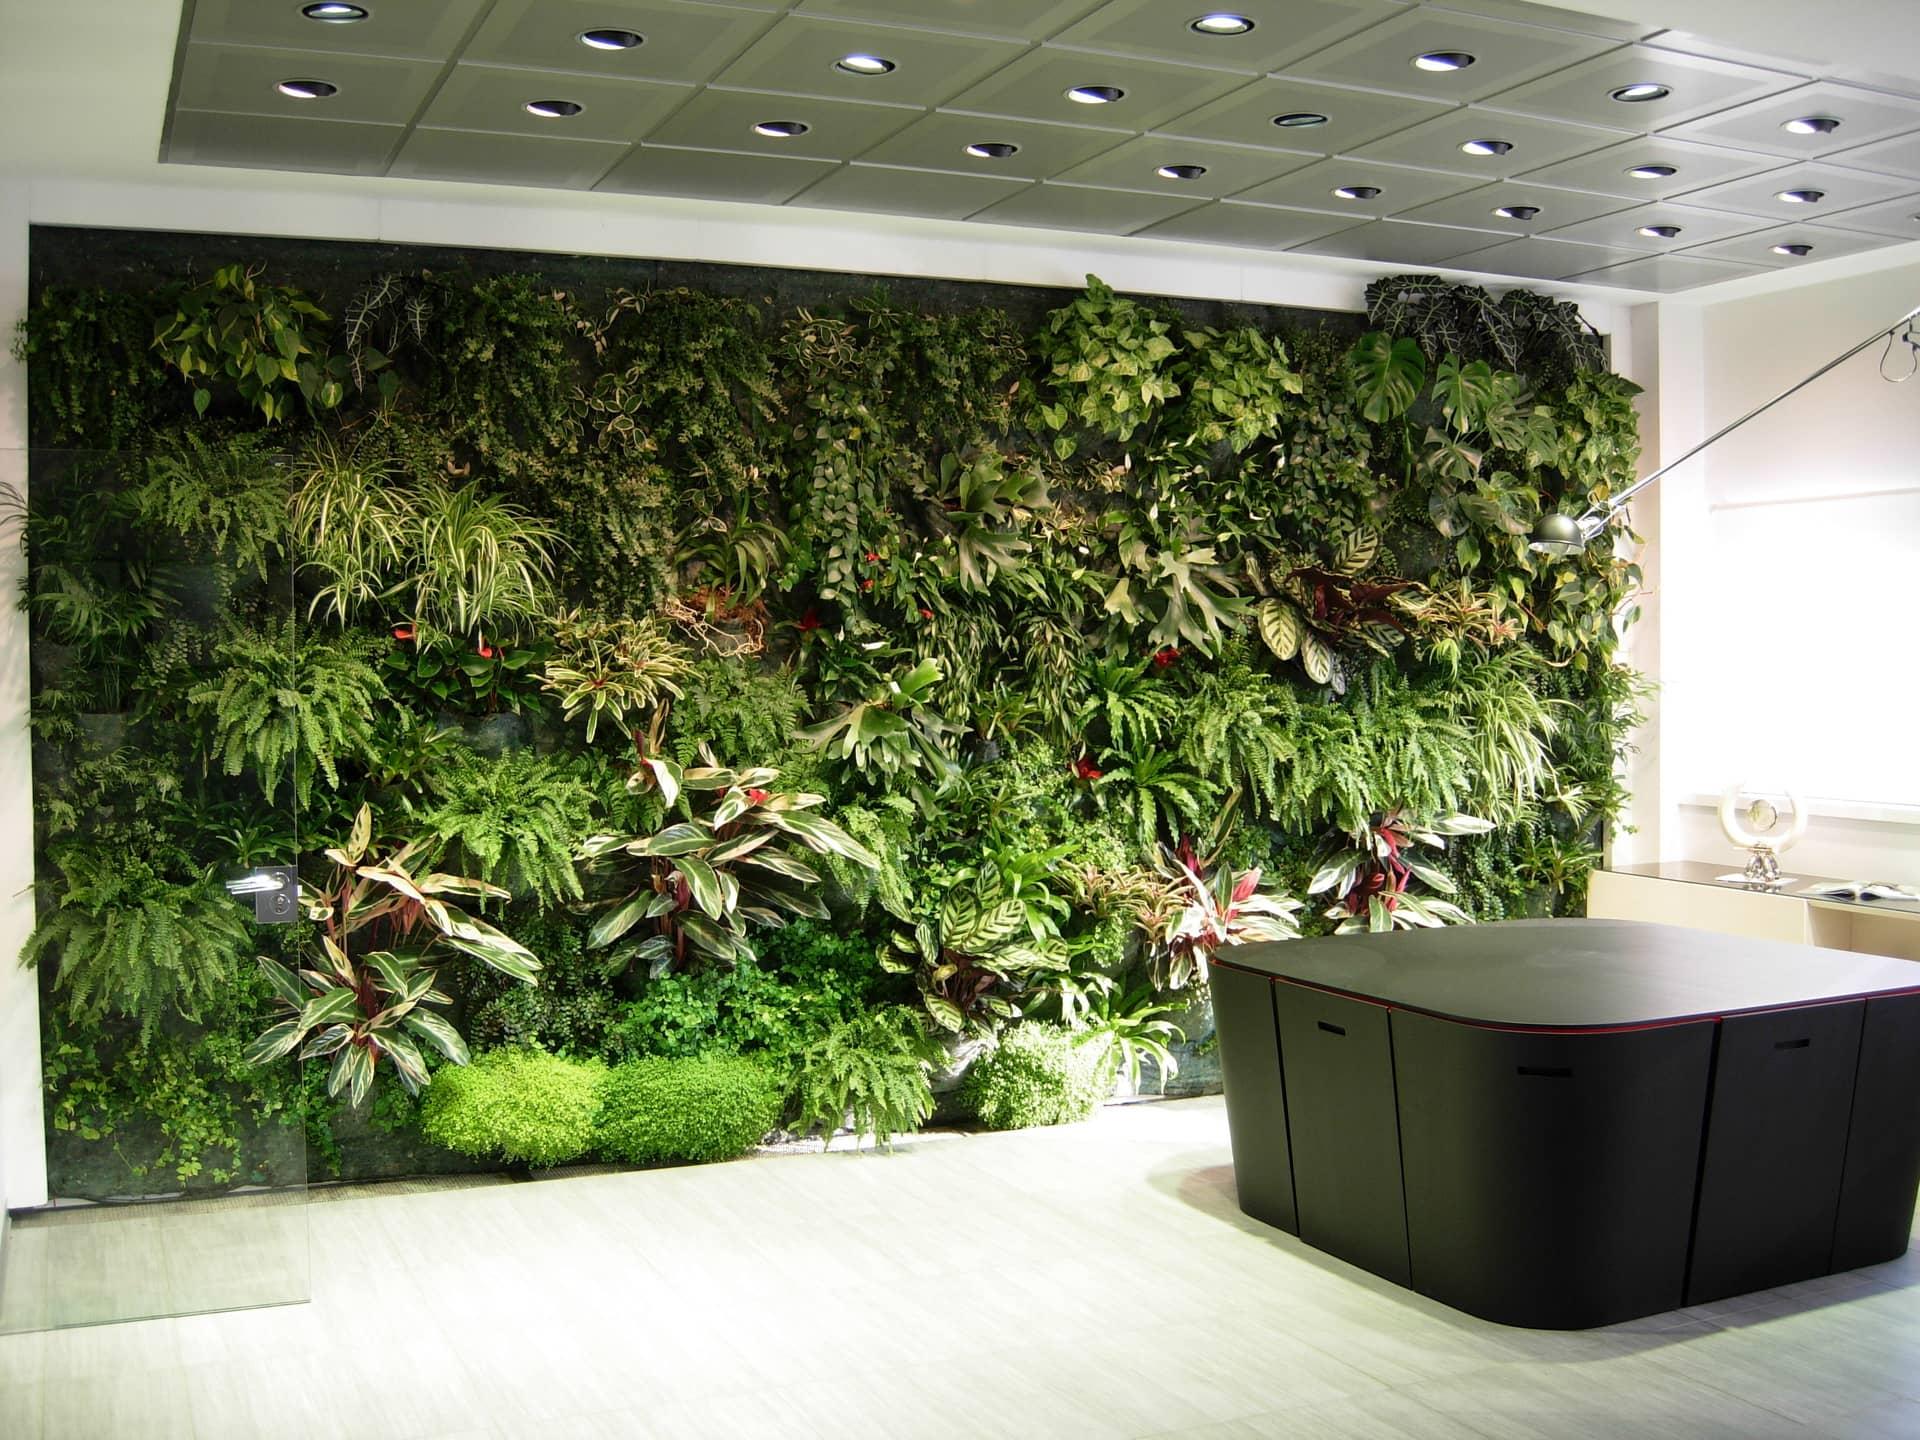 Ufficio In Giardino : Giardini verticali giardino tropicale divomi design vivo milano